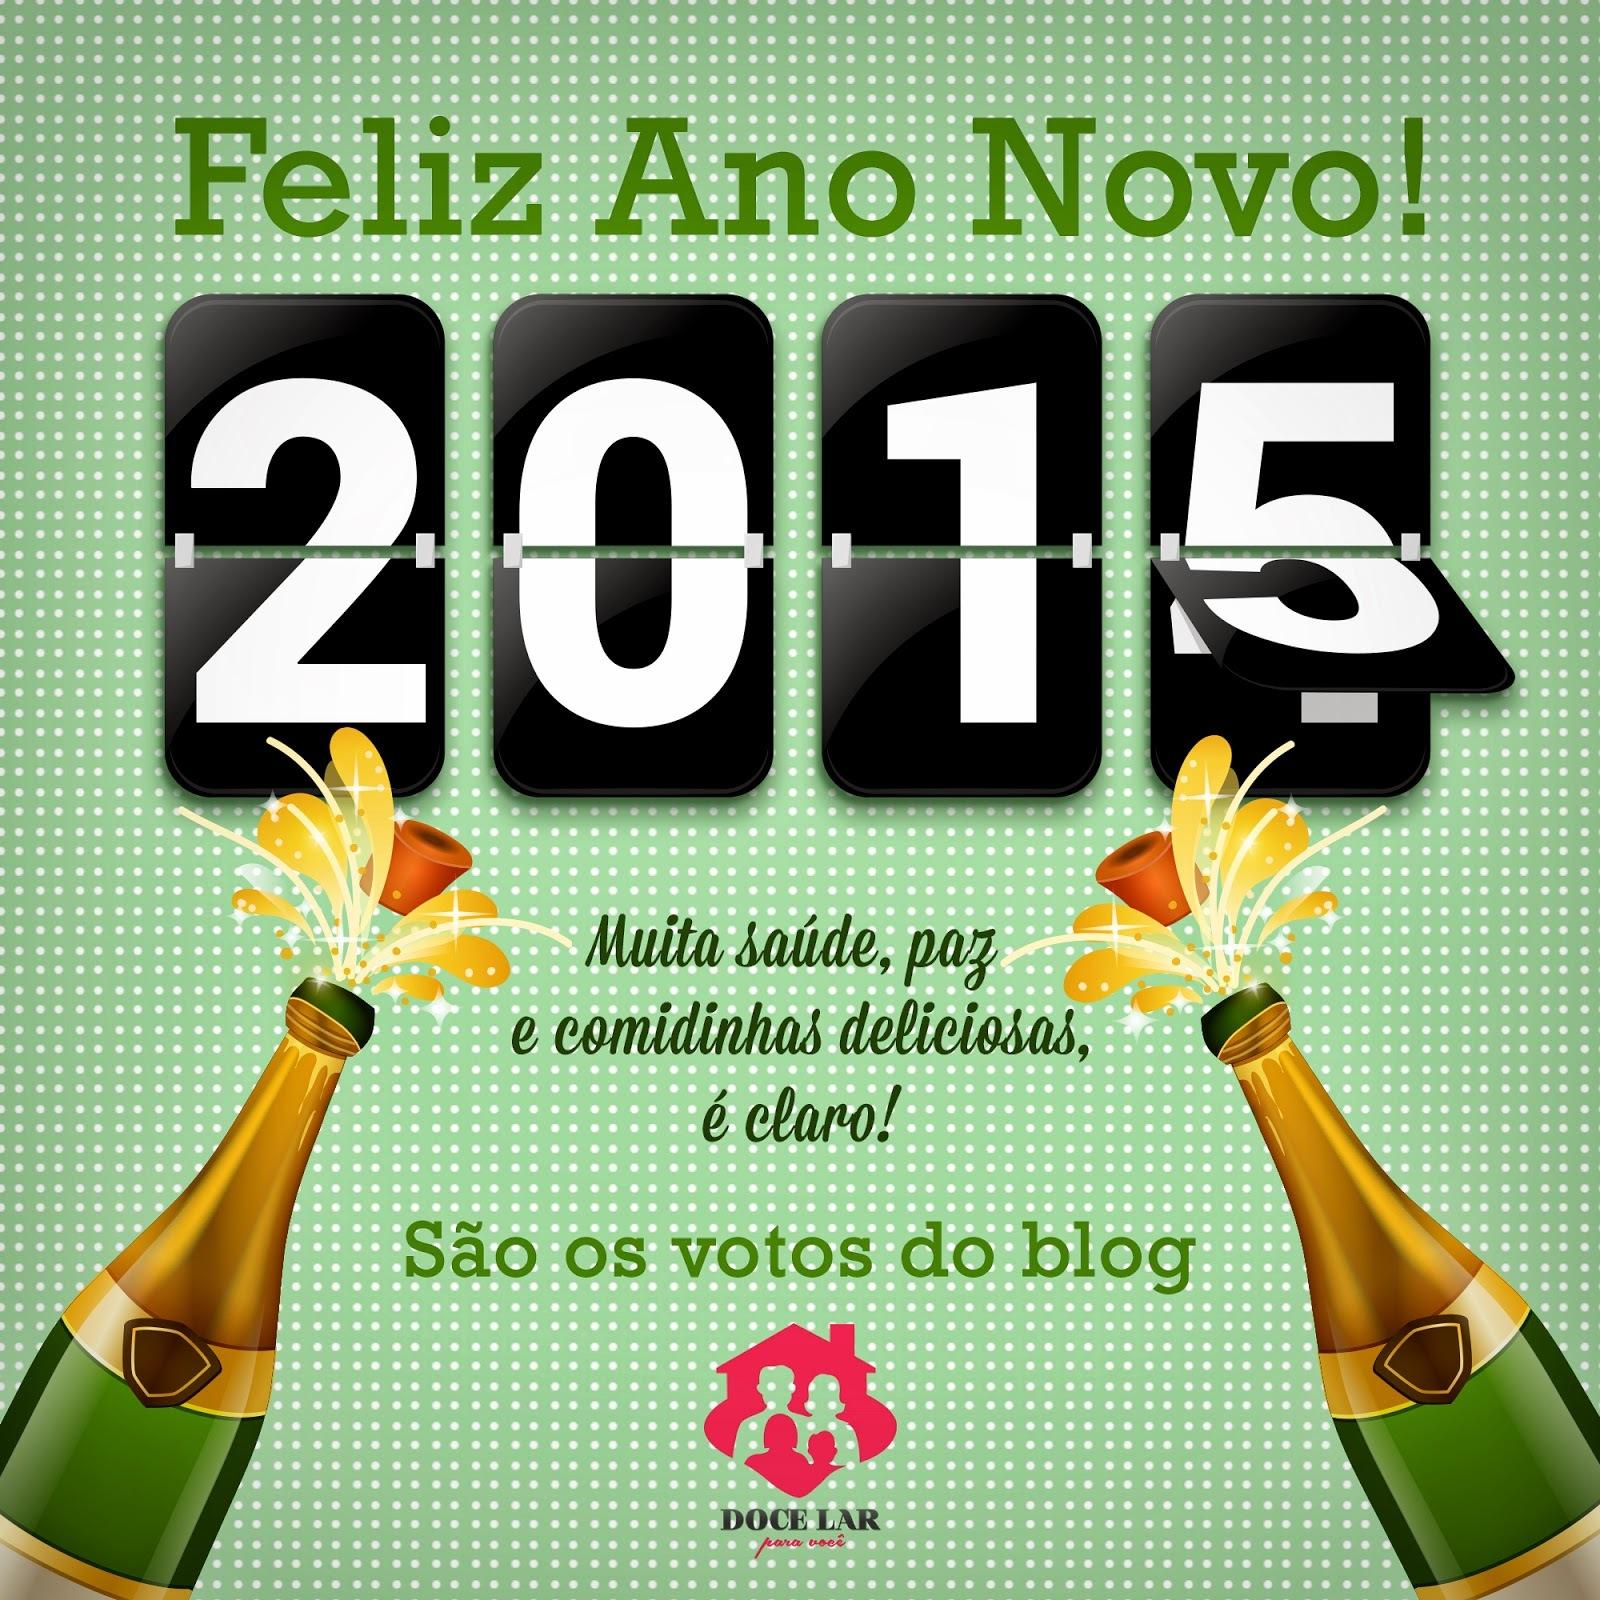 FELIZ 2015!!!! Muita saúde, paz, amor, sucesso, alegrias e comidinhas deliciosas para o novo ano!!!!